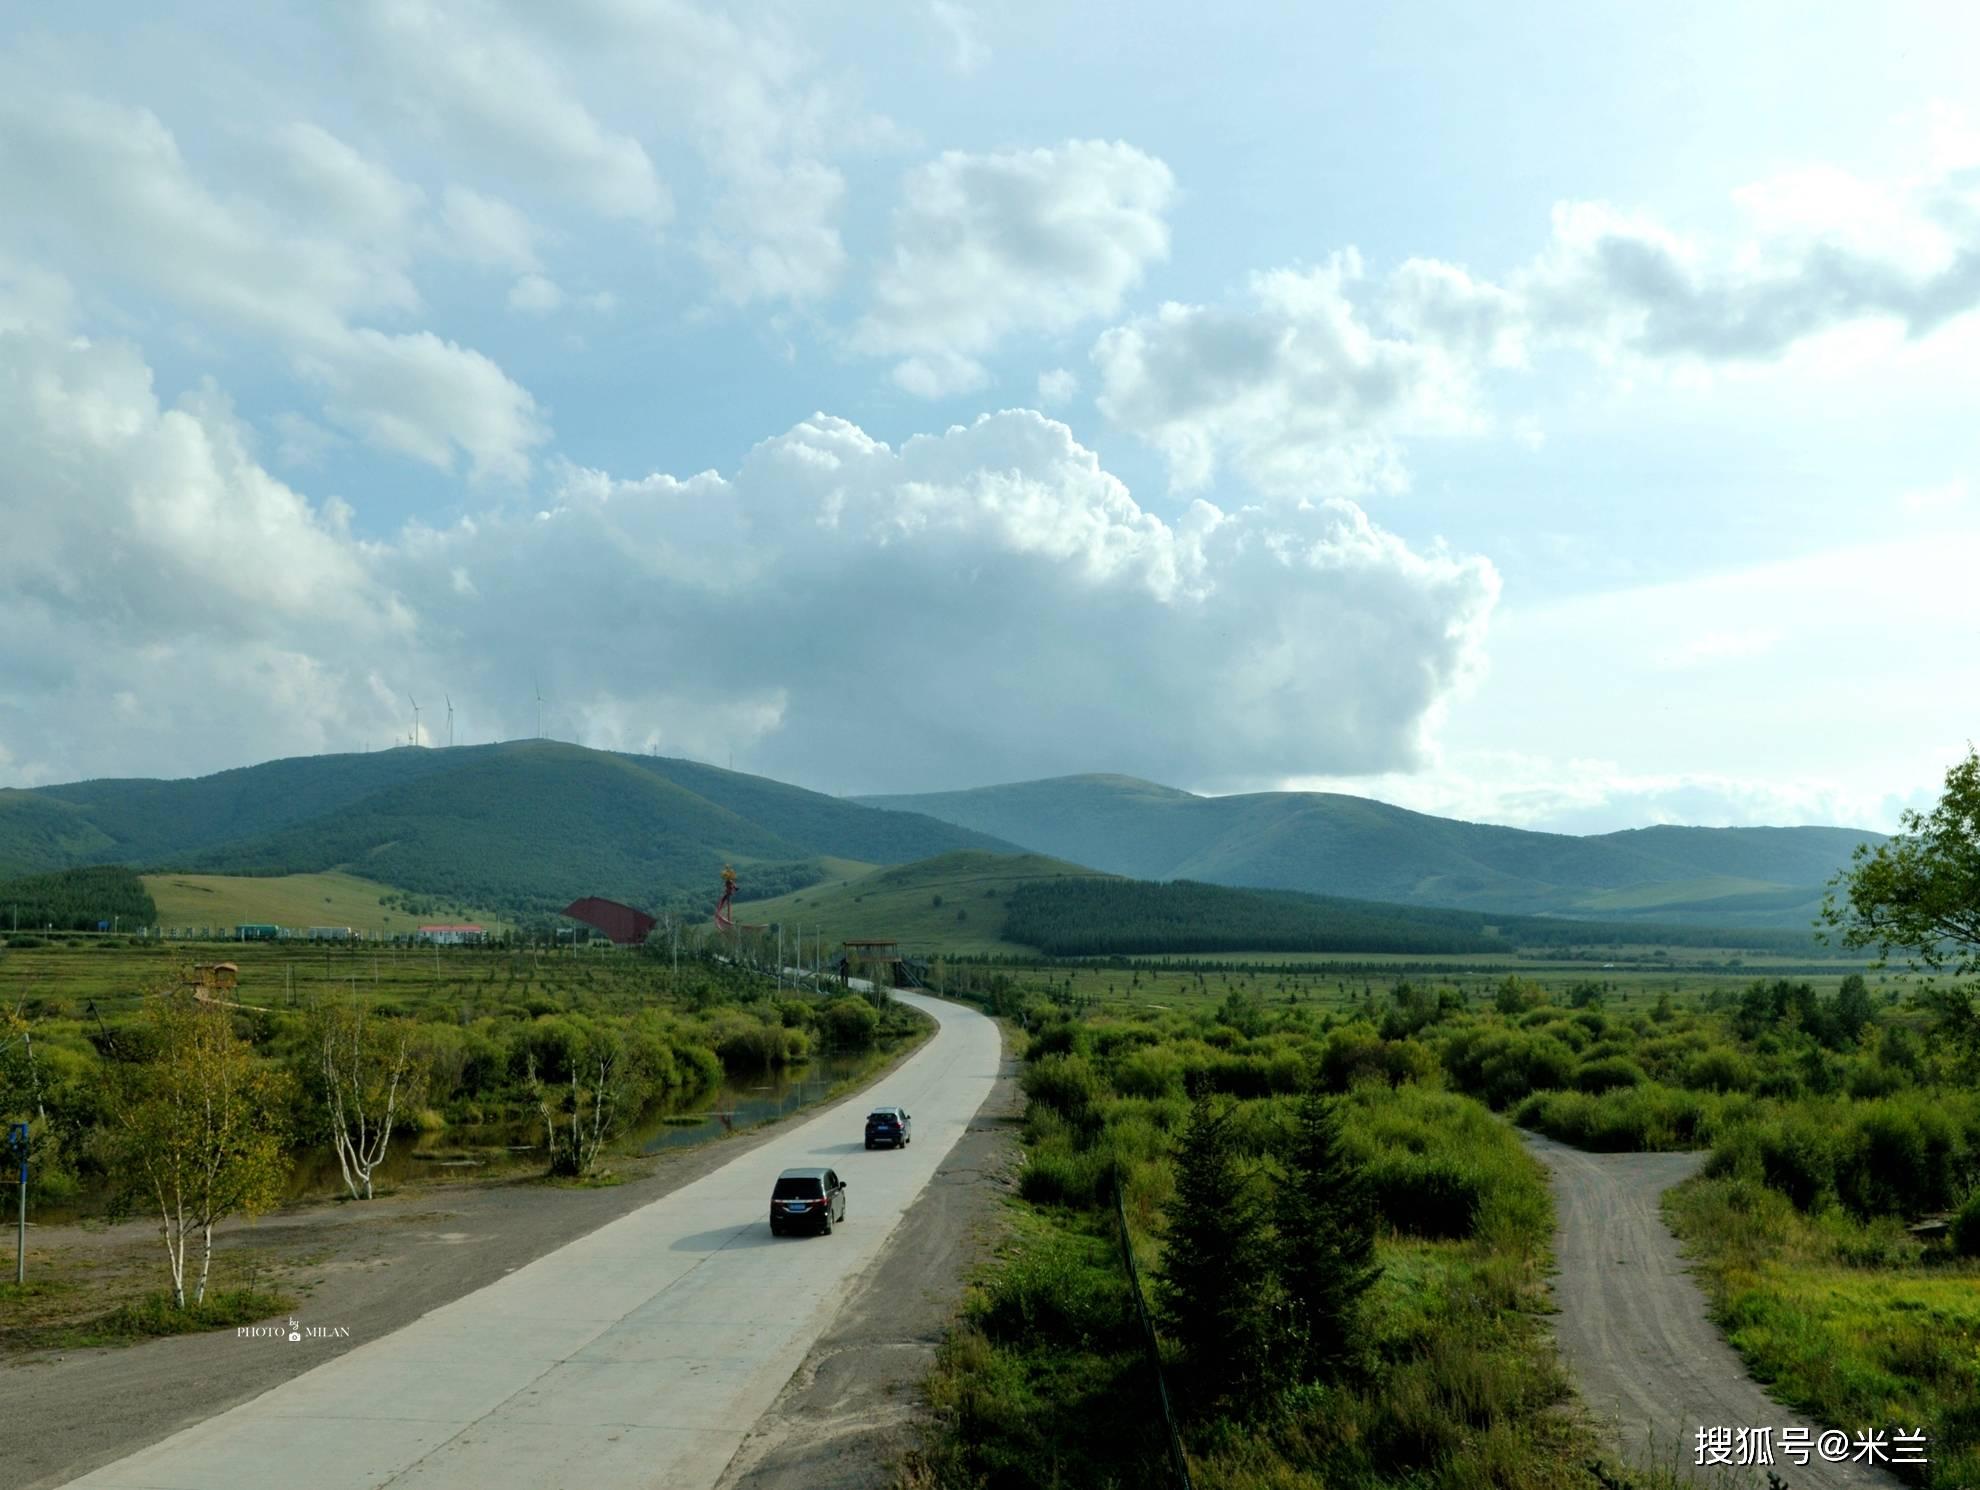 原创             北京周边自驾游,3天2晚京北第一天路的不同玩法,旅游攻略来了!